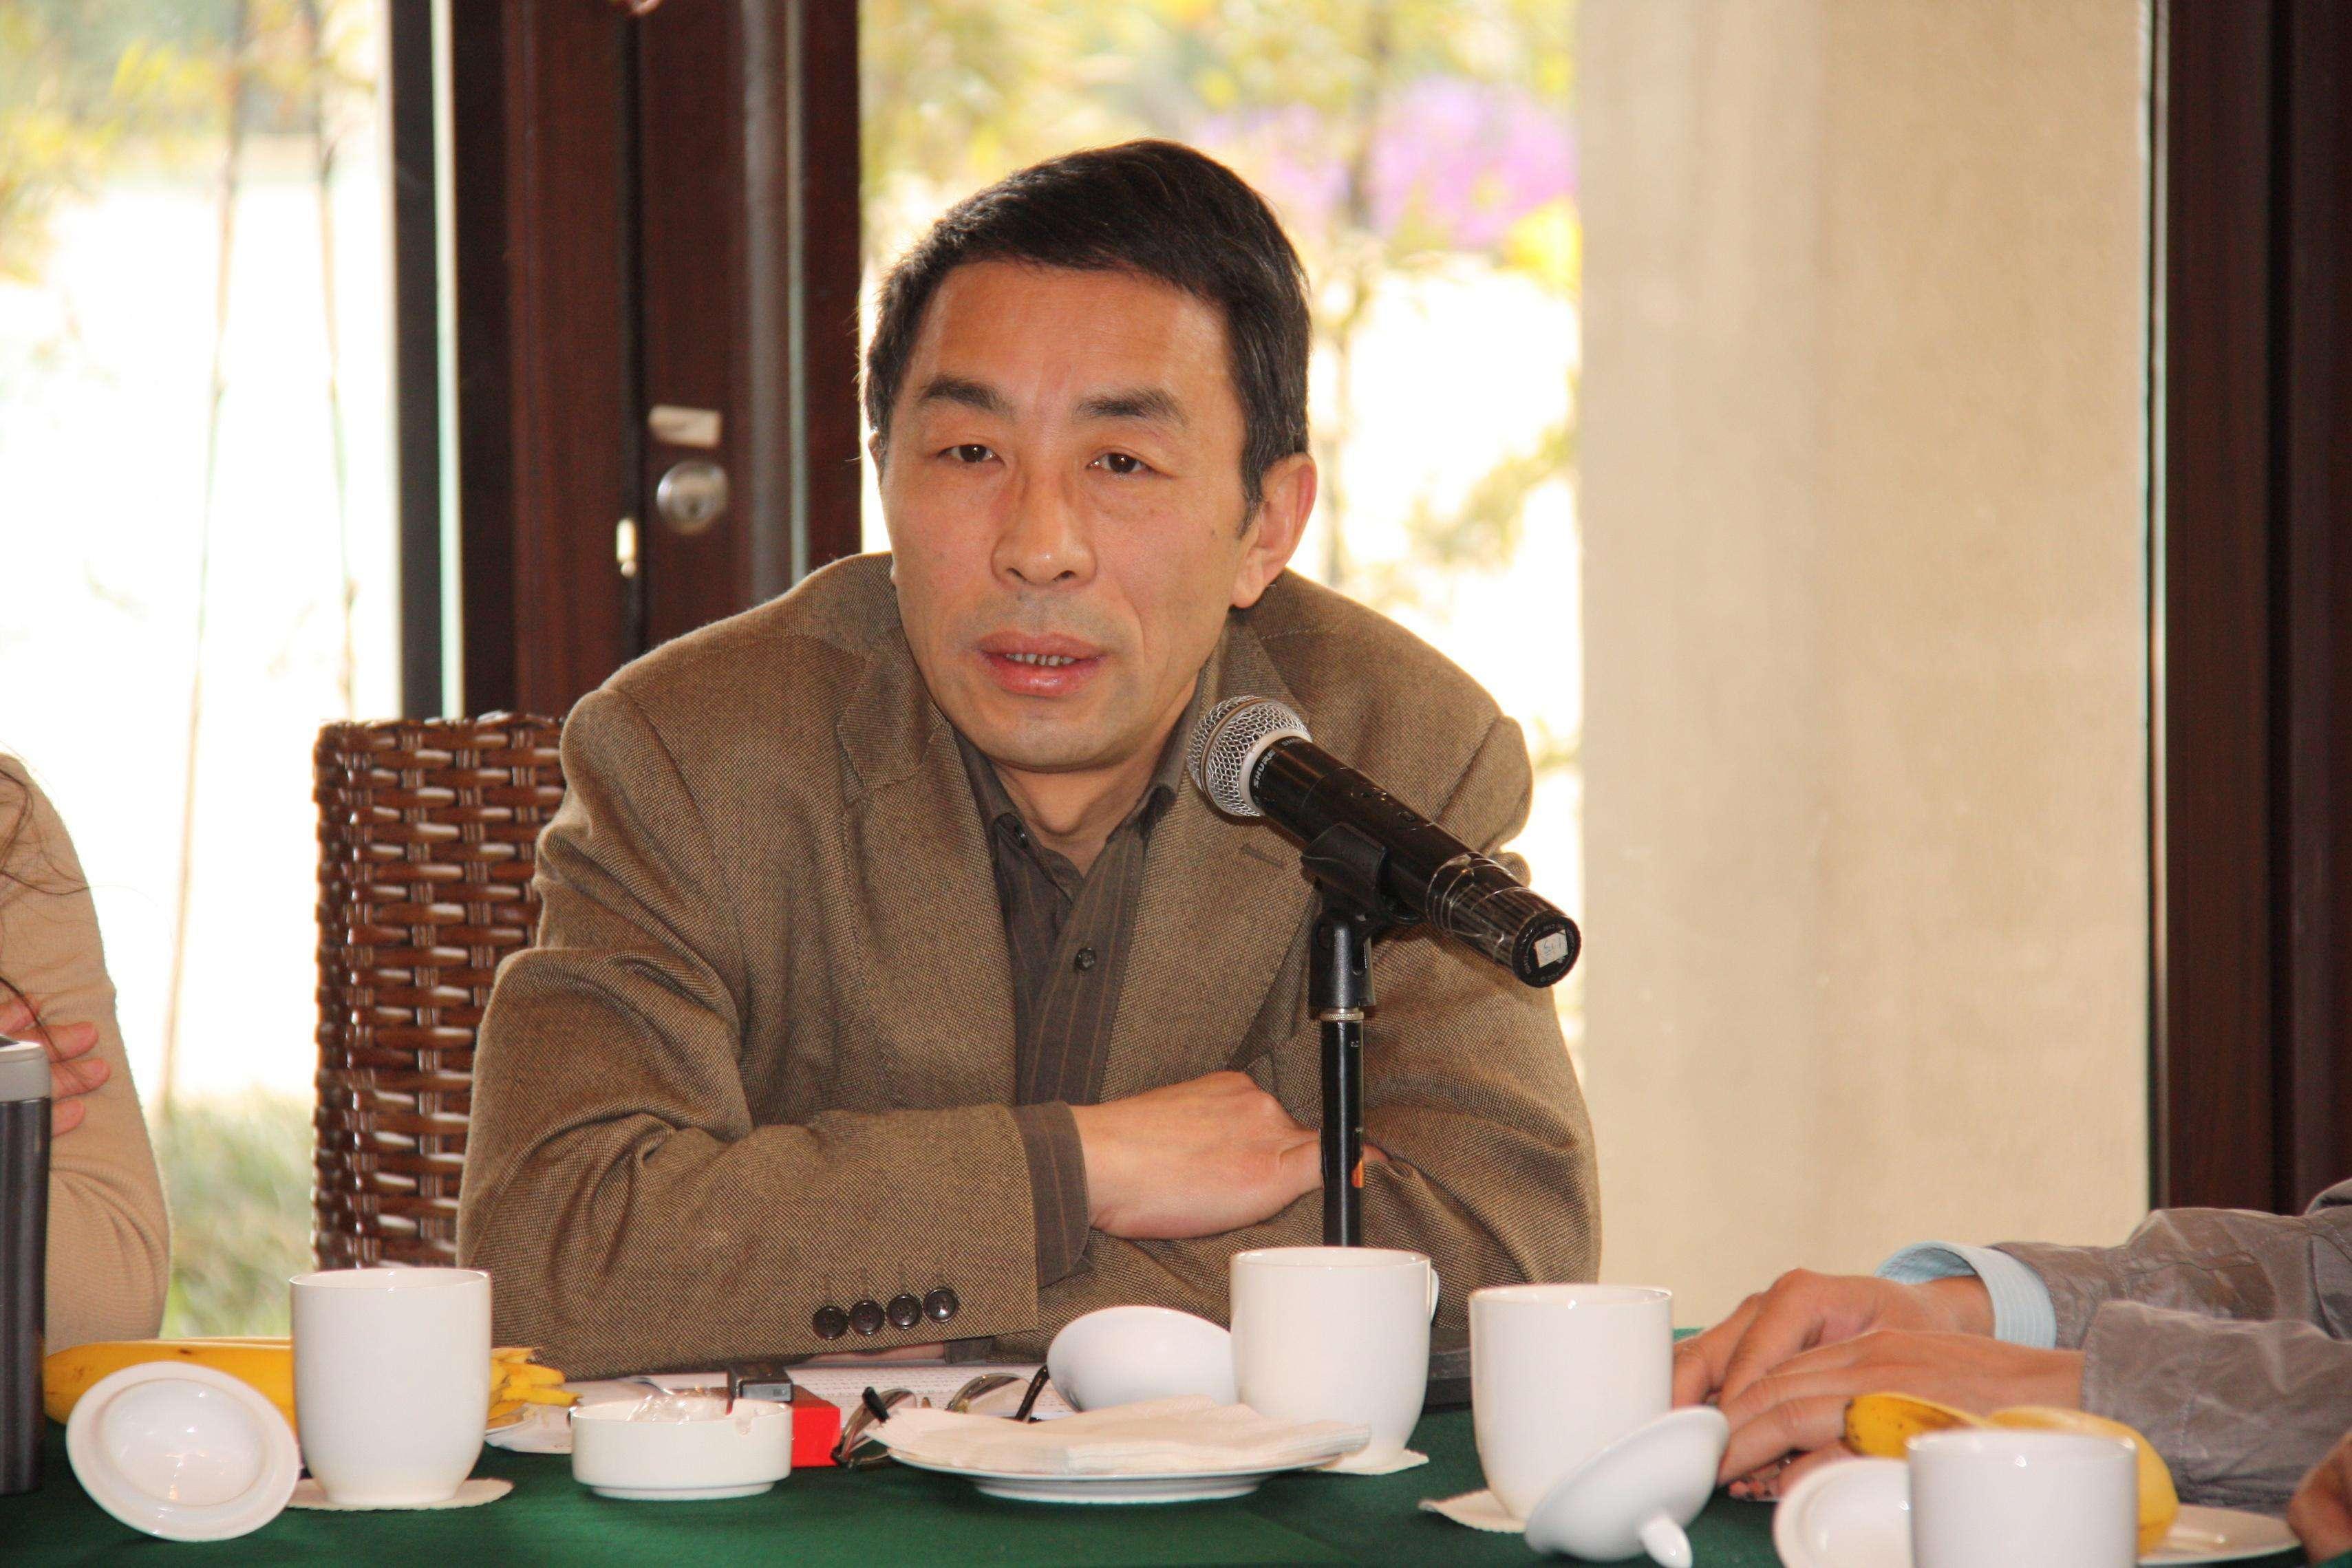 江苏科技大学材料科学与工程学院院长吴铭方